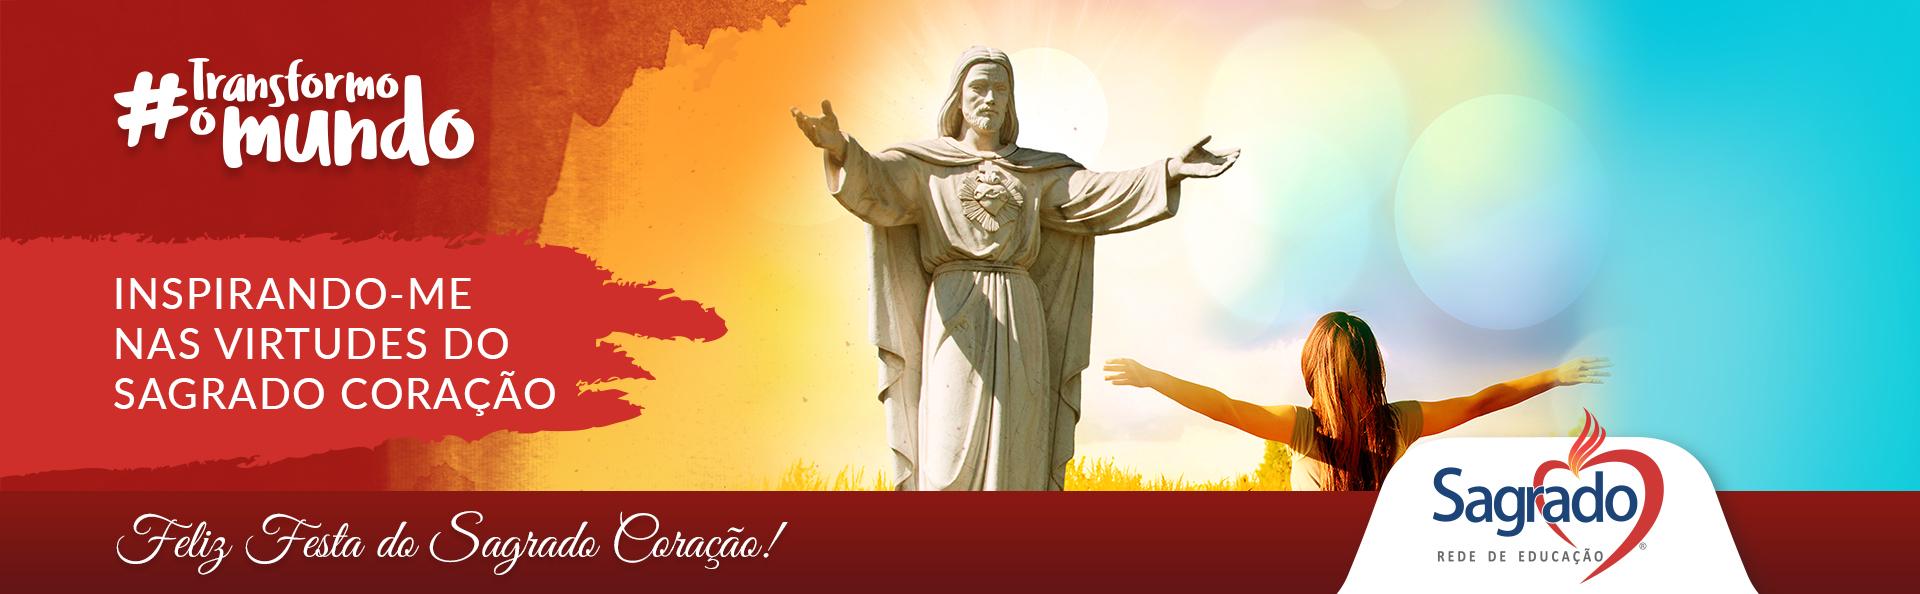 Feliz Festa do Sagrado Coração